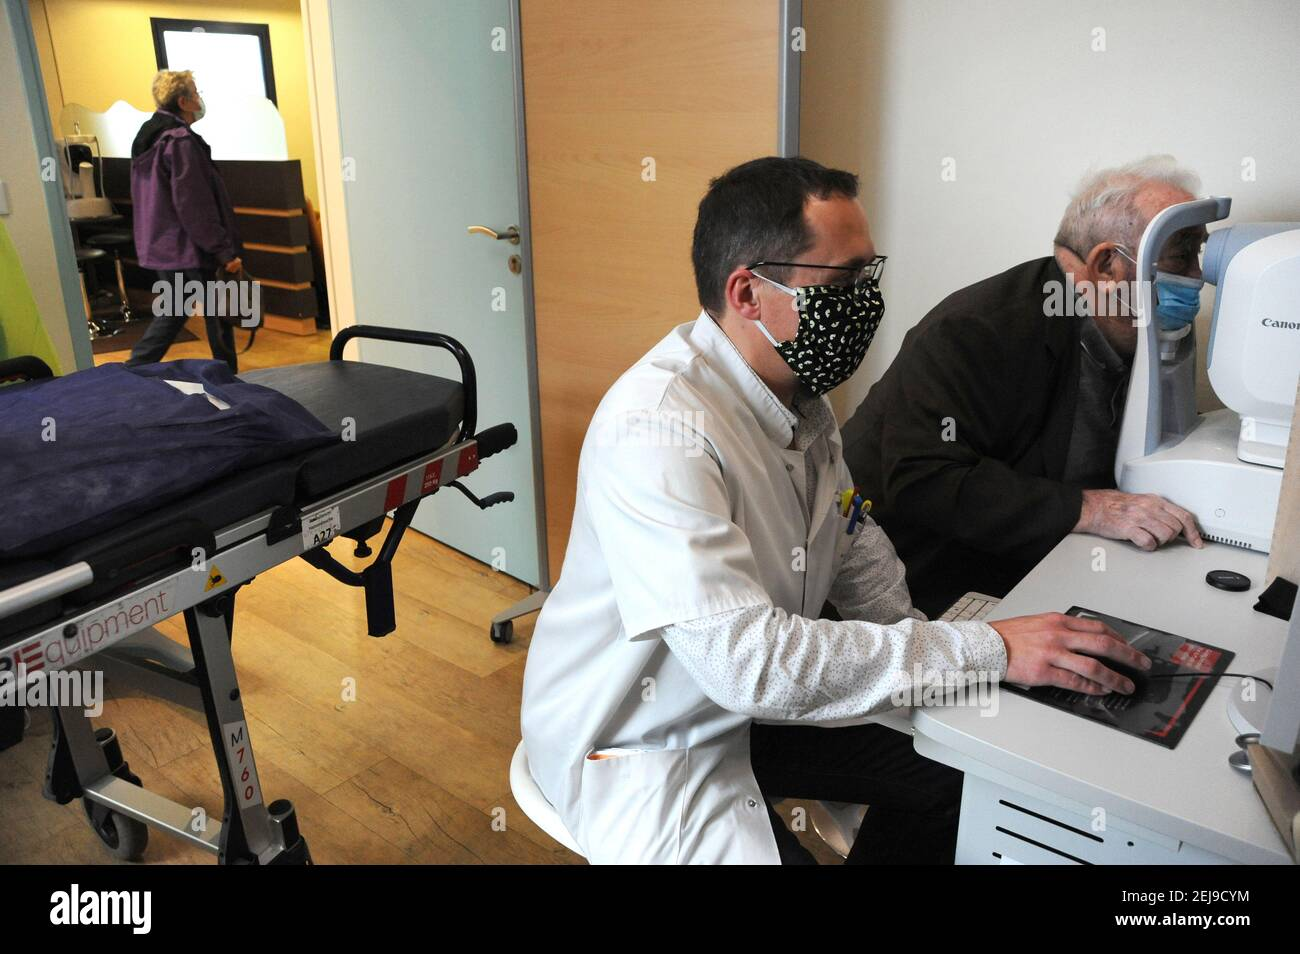 Bureau d'ophtalmologie Banque D'Images